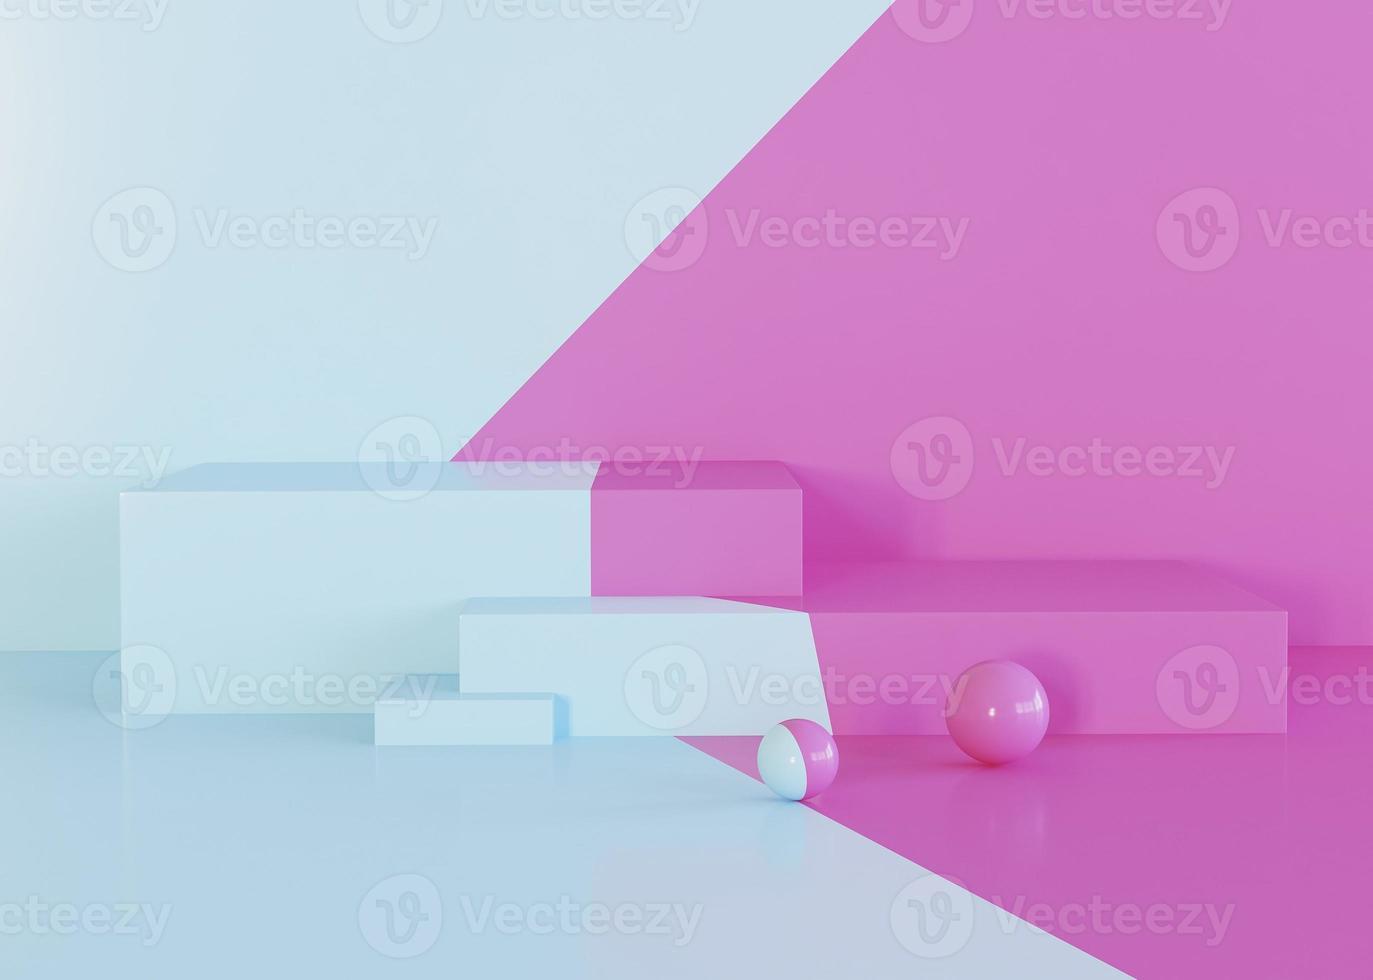 sfondo di forme geometriche di toni rosa e azzurro foto